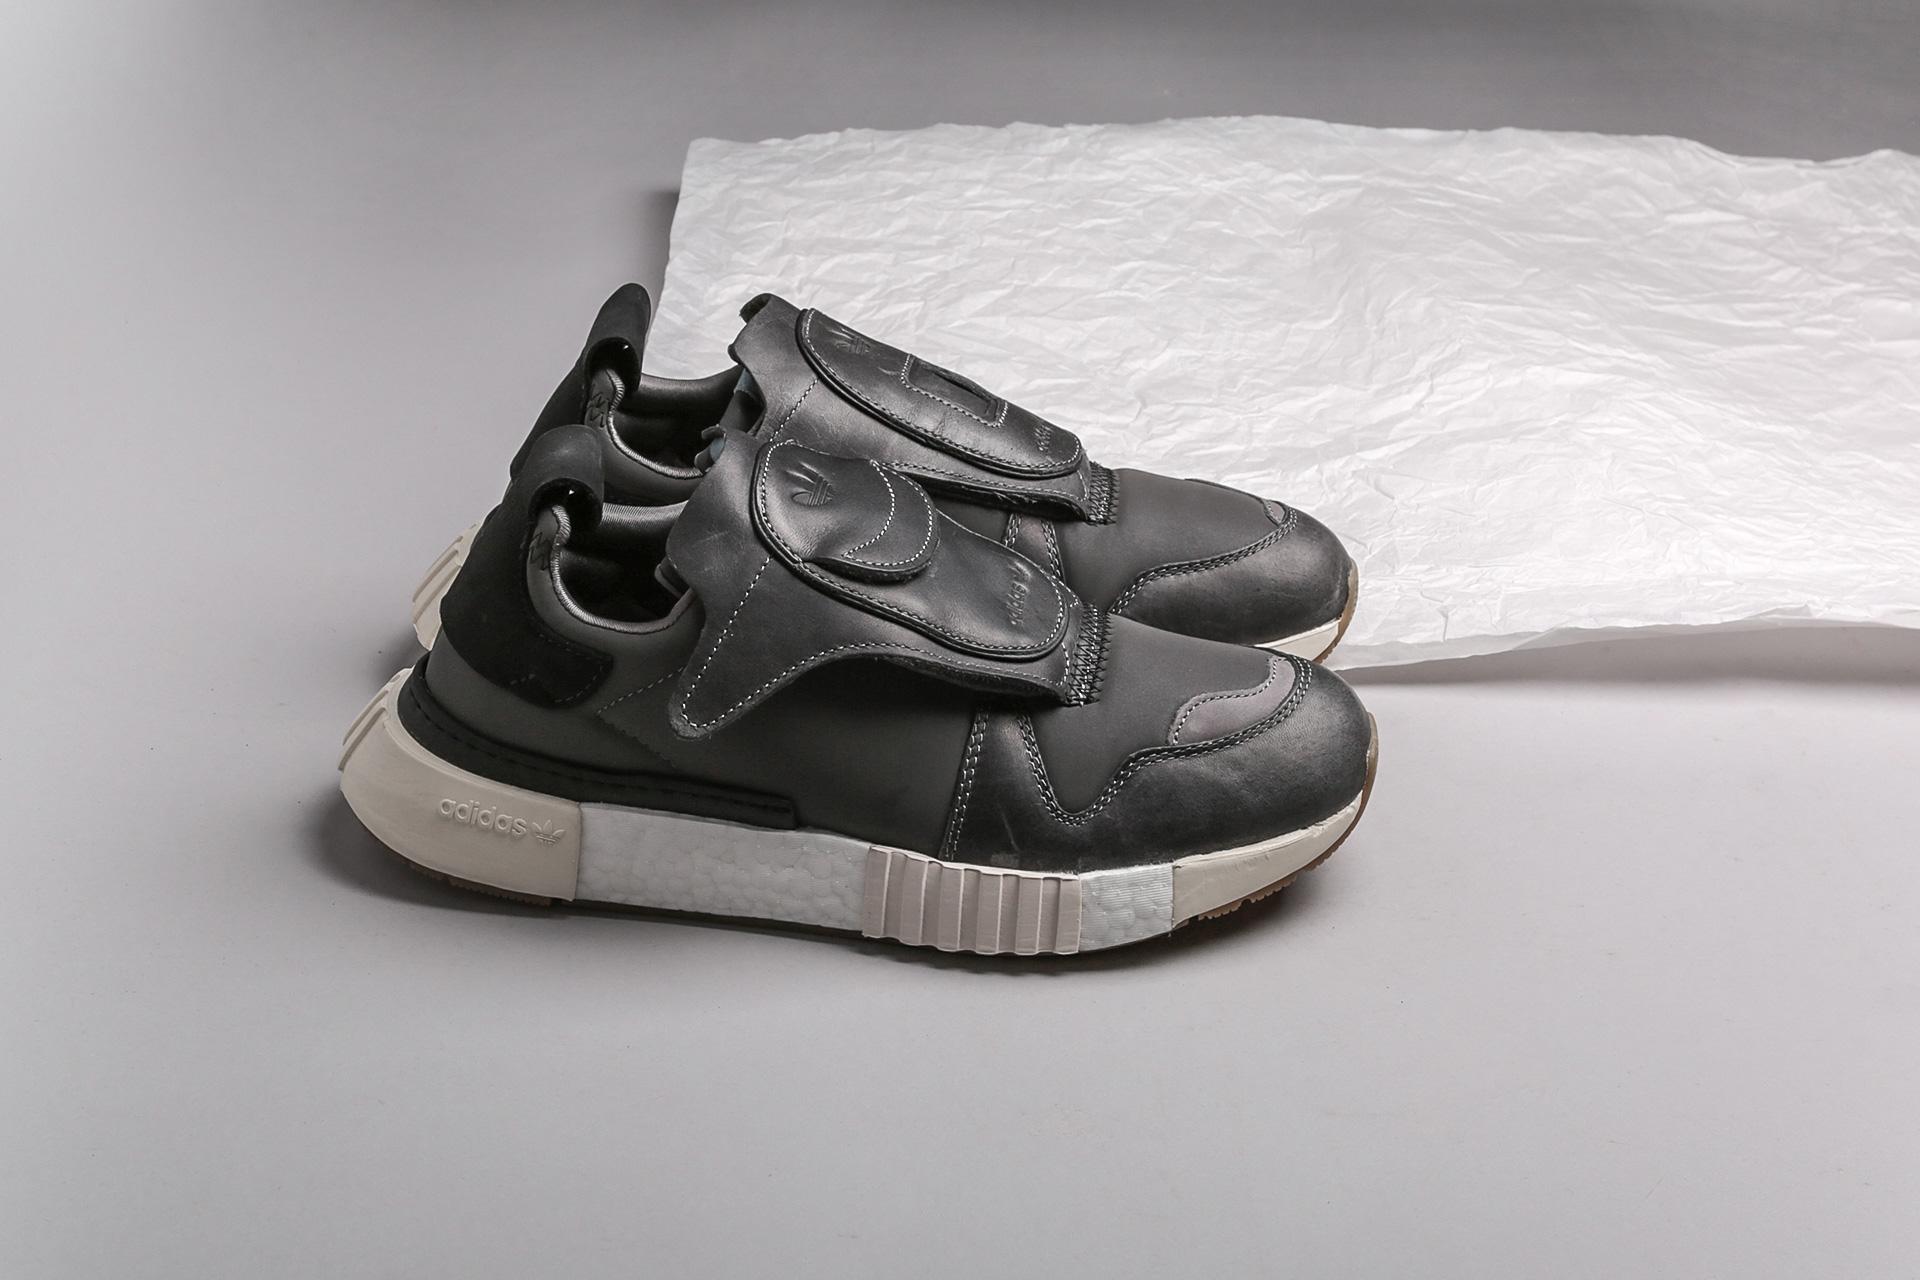 Купить серые мужские кроссовки Futurepacer от adidas Originals ... 4d06c19cfee